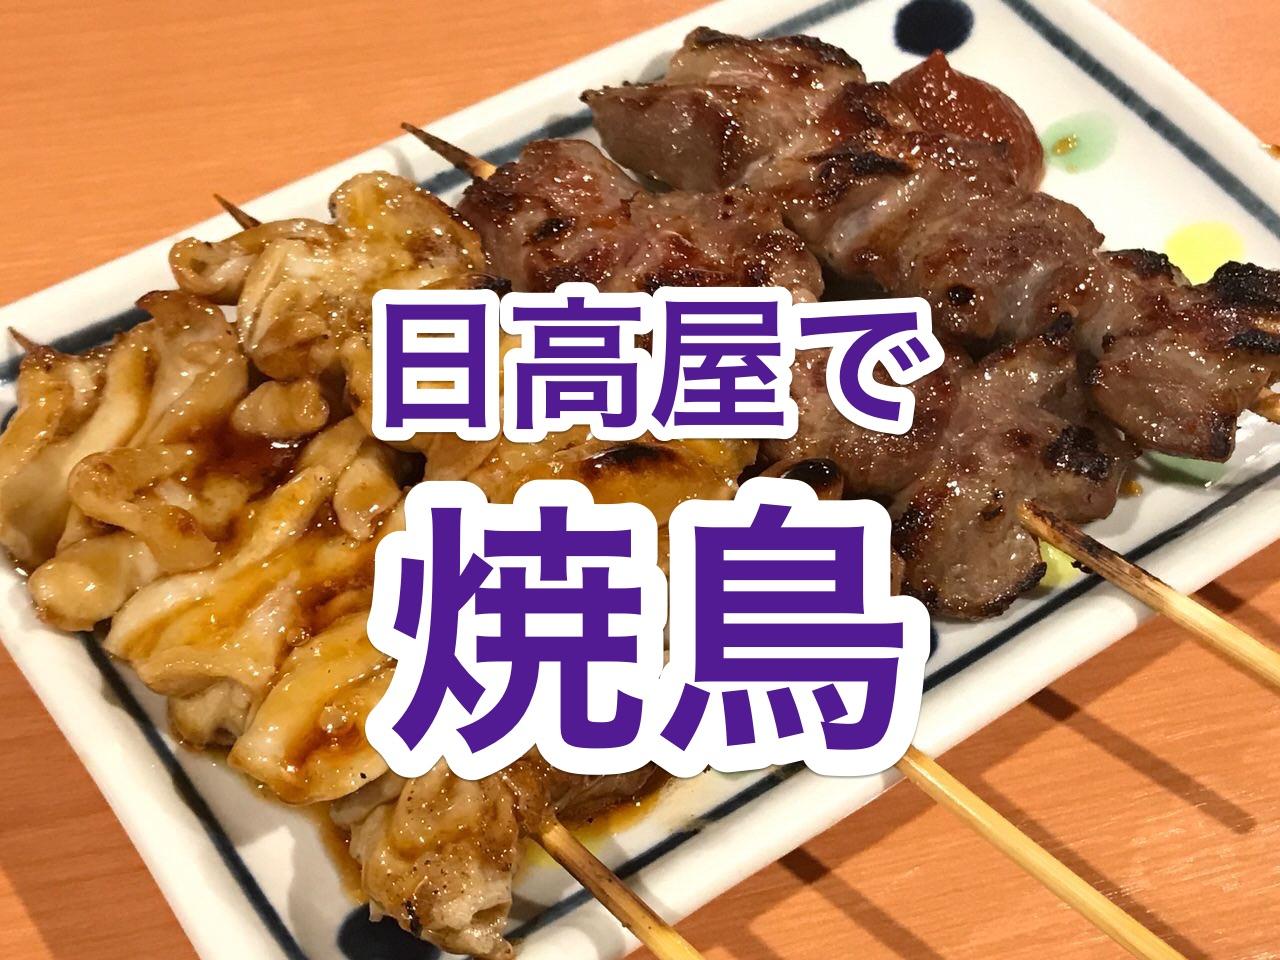 「焼鳥日高」味も価格も悪くない。チューハイ260円、むしろ2本210円のシロが旨い!